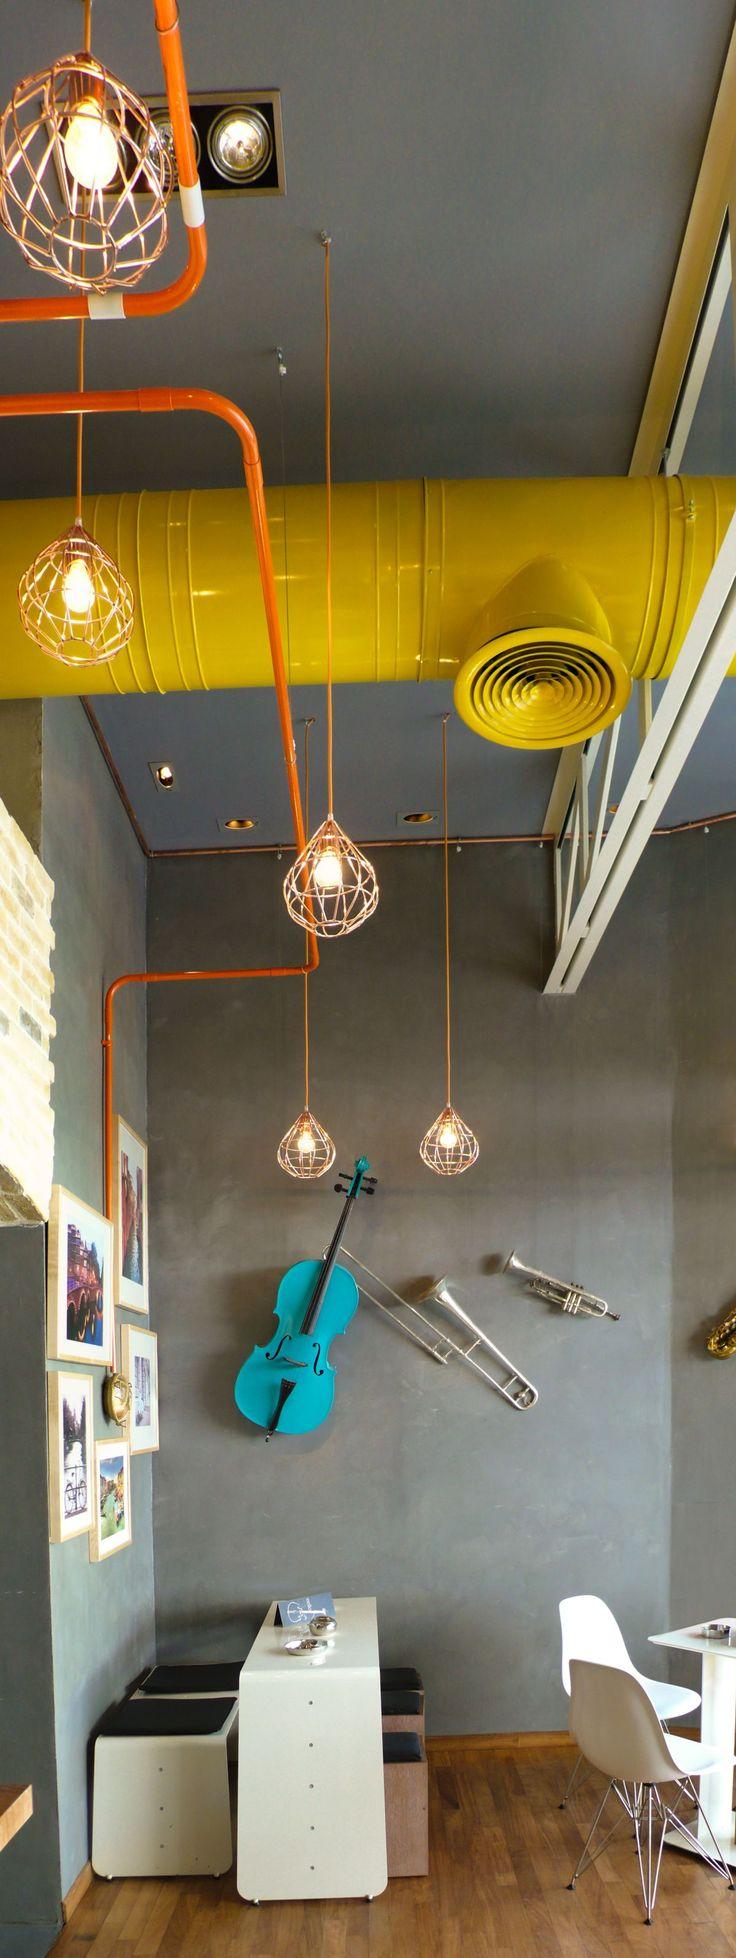 61 best cafe - bar images on pinterest | architecture, cafe bar